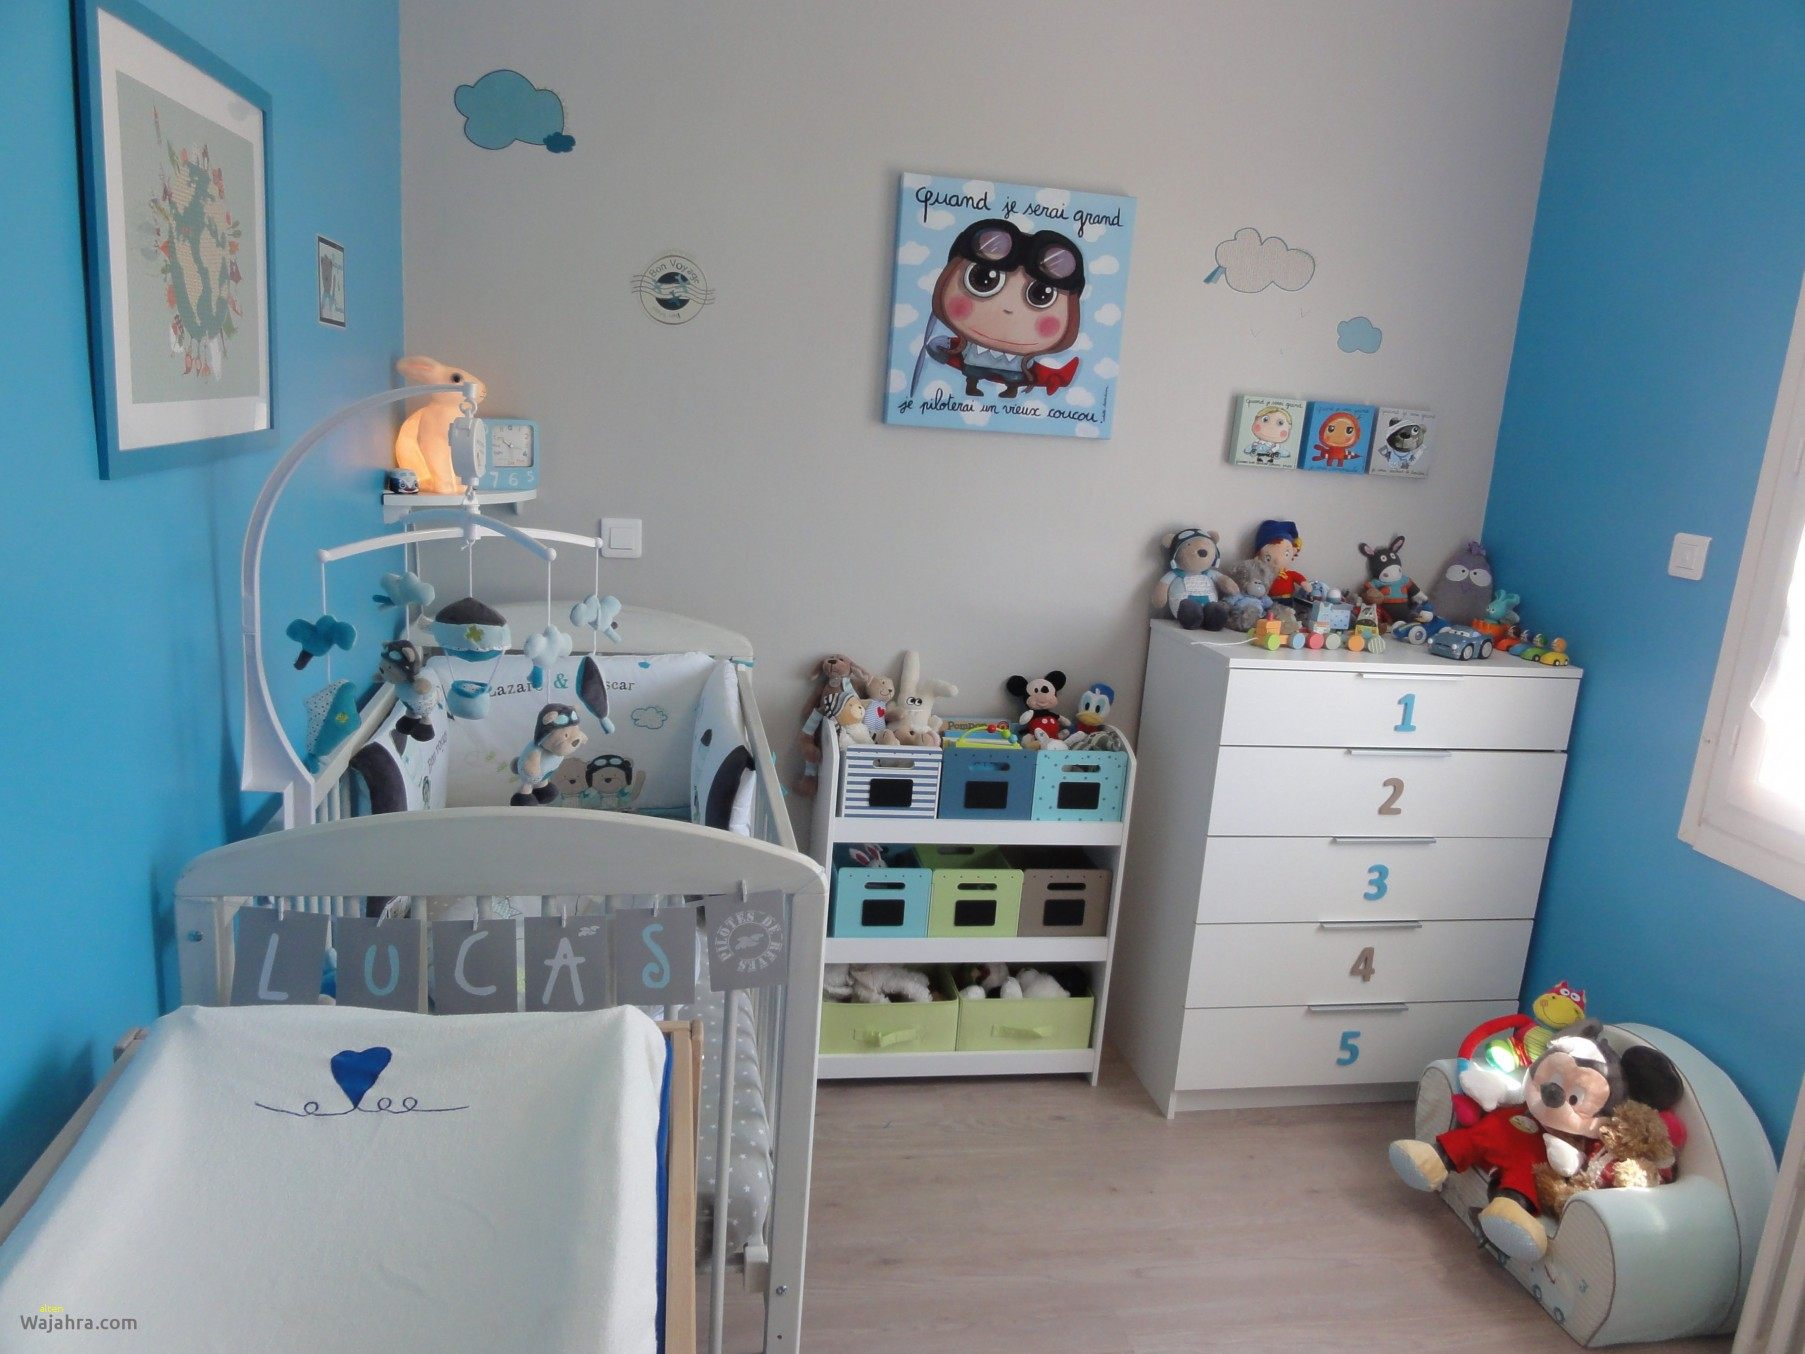 Lit Bébé 2 Ans Joli Grande Baignoire Bébé Lovely Lit Bébé Fille Elégant Parc B C3 A9b C3